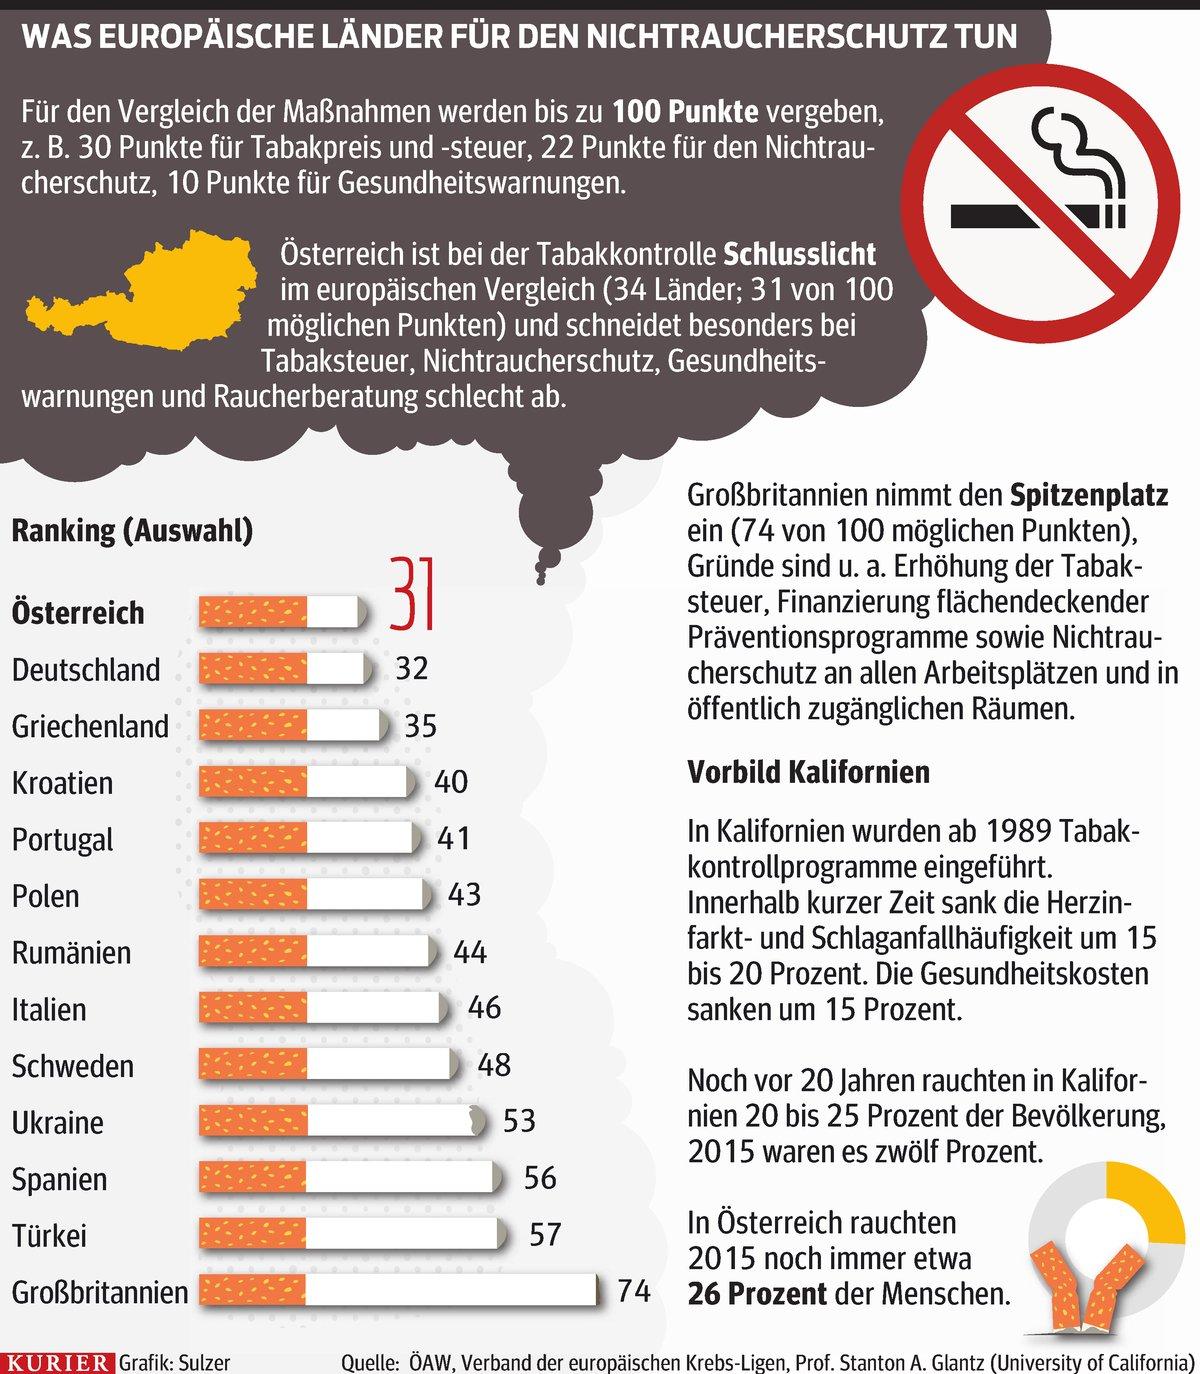 Австрия занимает одно из последних мест в Европе по введению запрета на курение в общественных местах